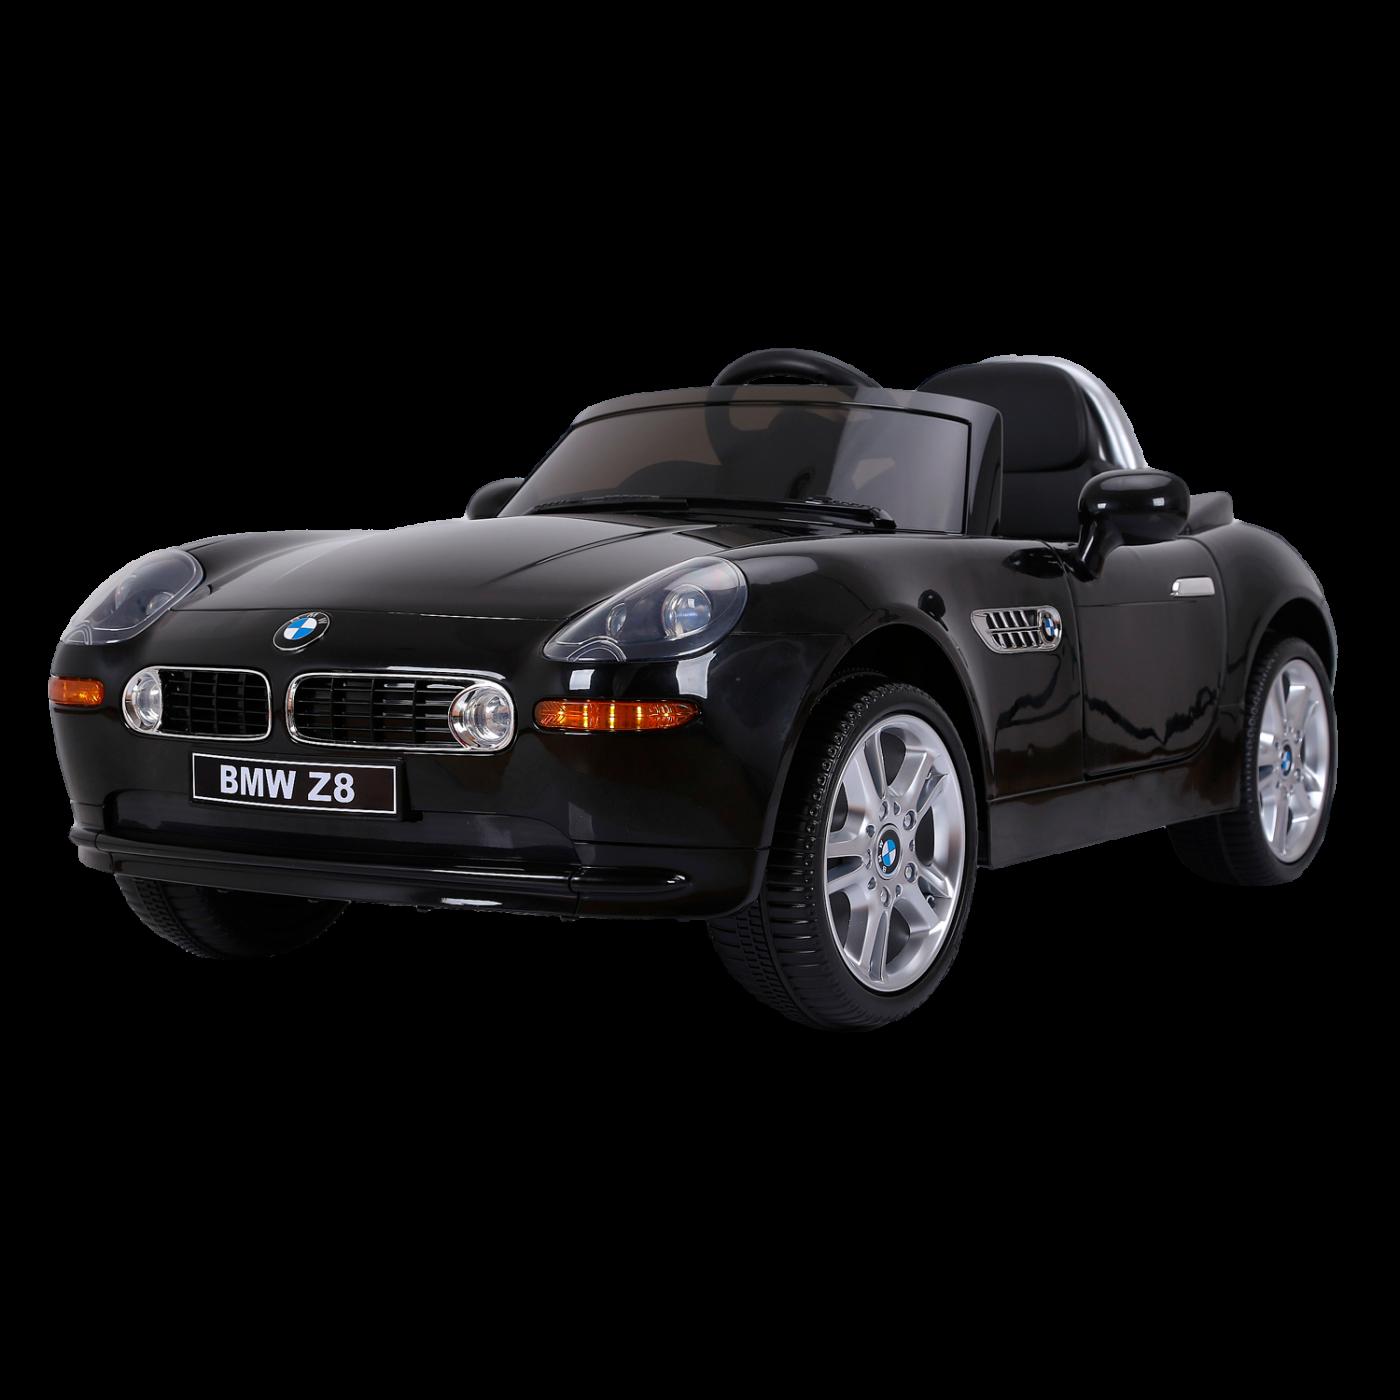 Электромобиль JЕ1288 BMW Z8 (лицензия, 12V, металлик, EVA, экокожа) чёрный